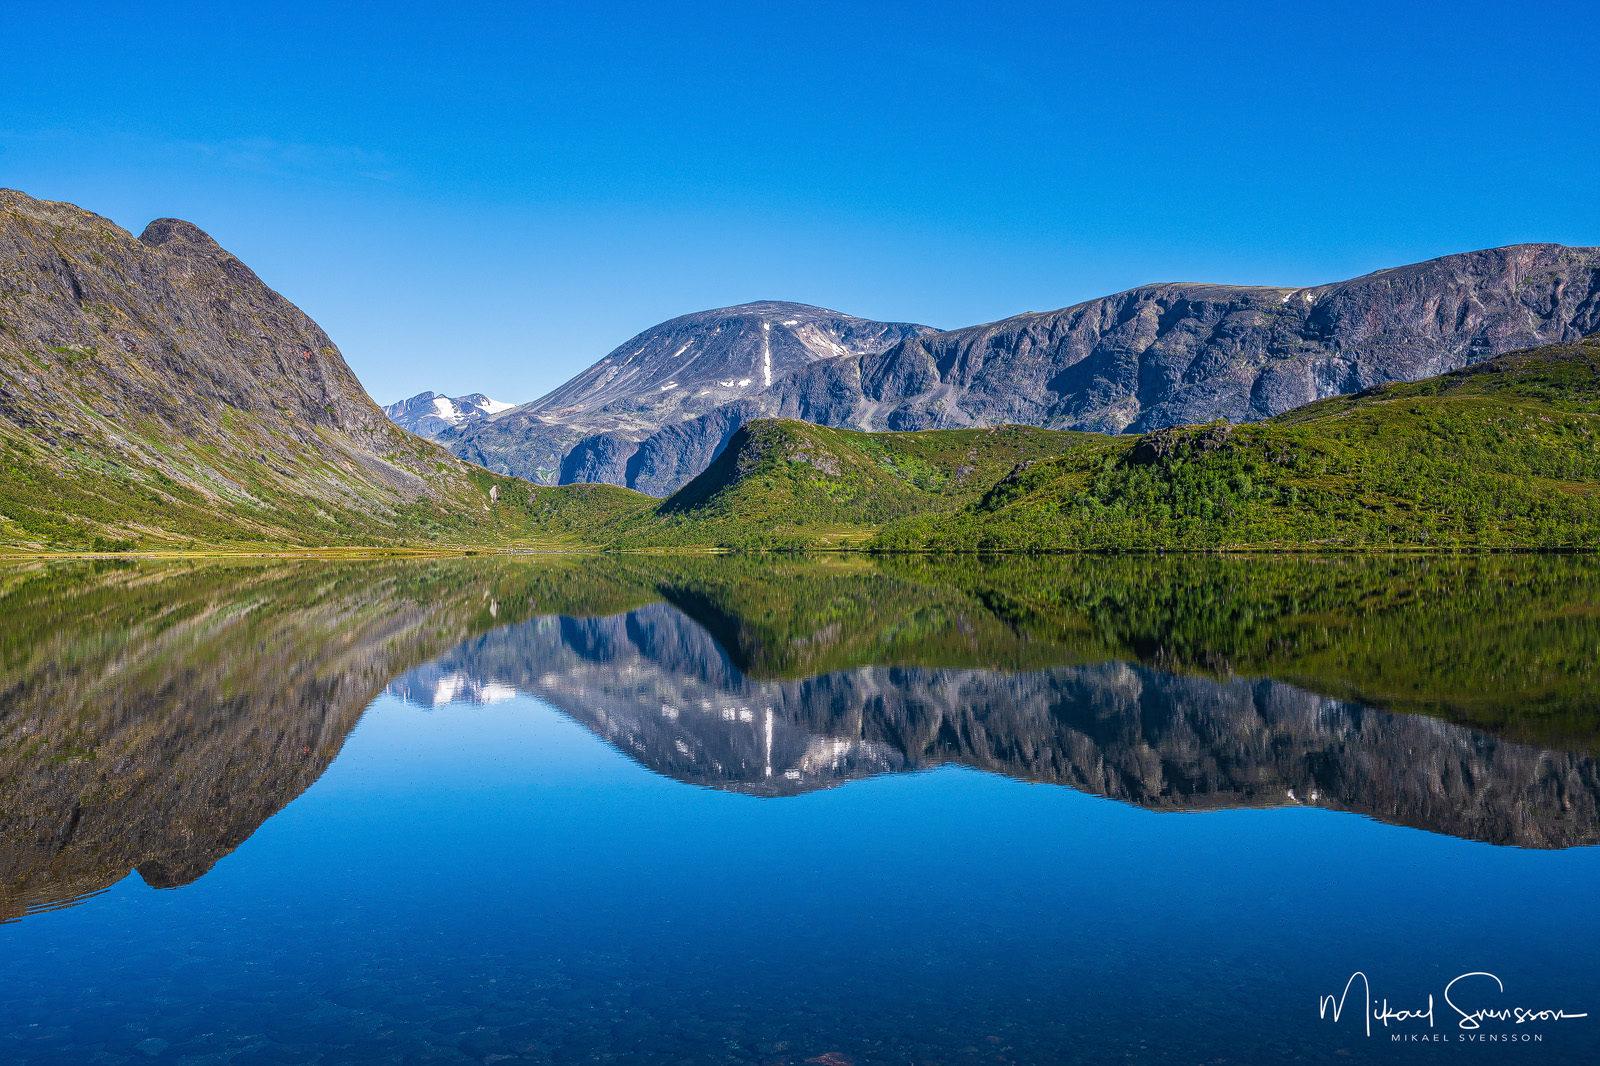 Nedre Leirungen, Jotunheimen, Norge. Foto: Mikael Svensson, www.mikaelsvensson.com